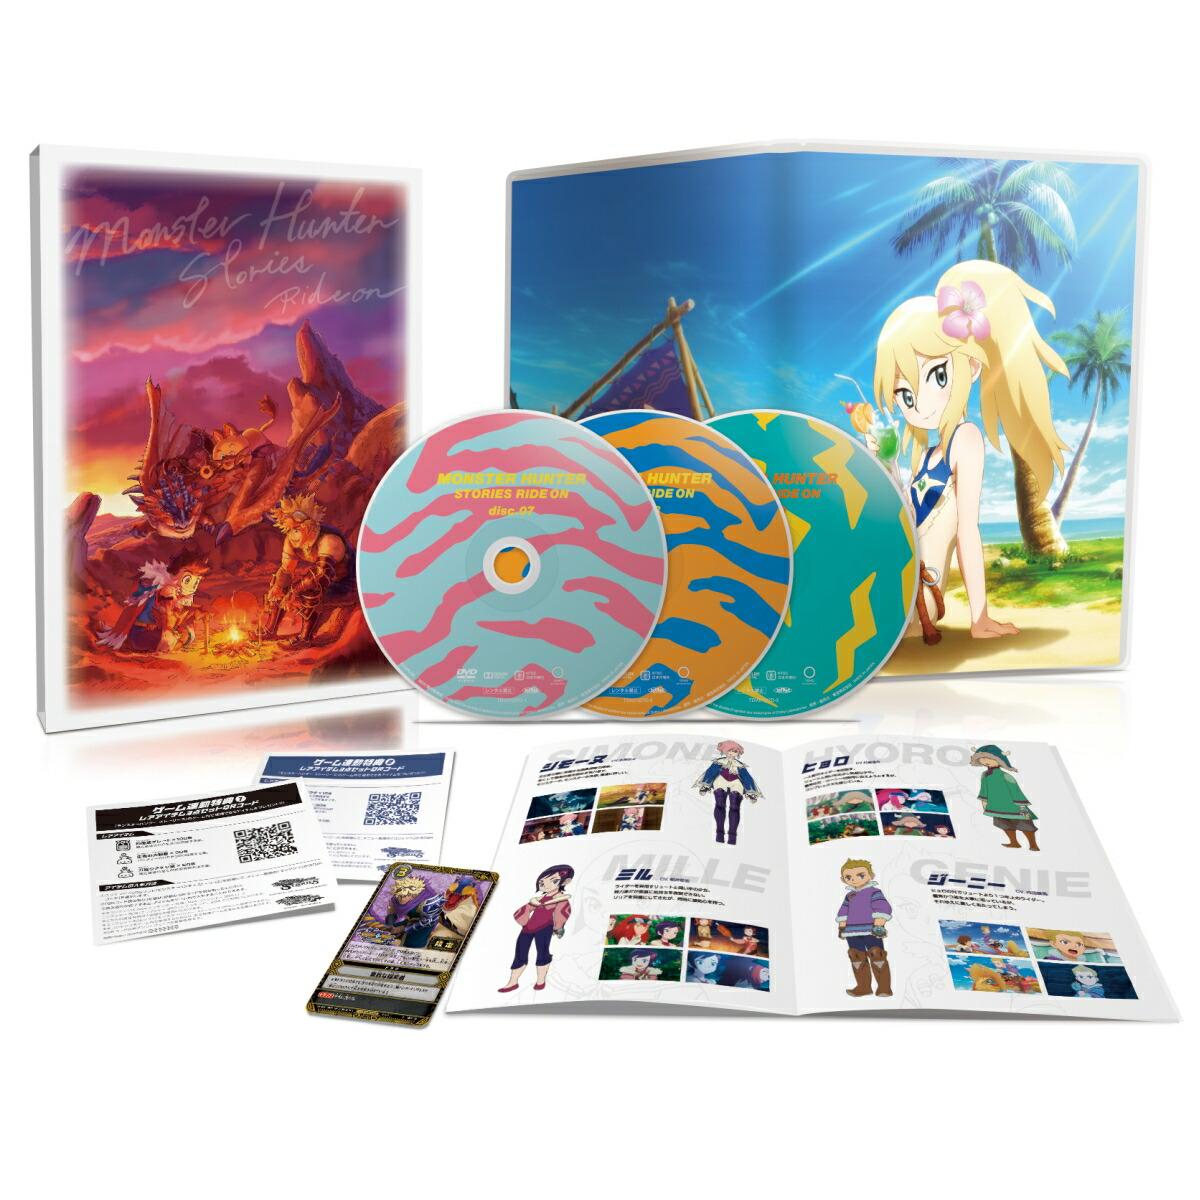 モンスターハンター ストーリーズ RIDE ON DVD BOX Vol.3[TDV-27037D][DVD] 製品画像